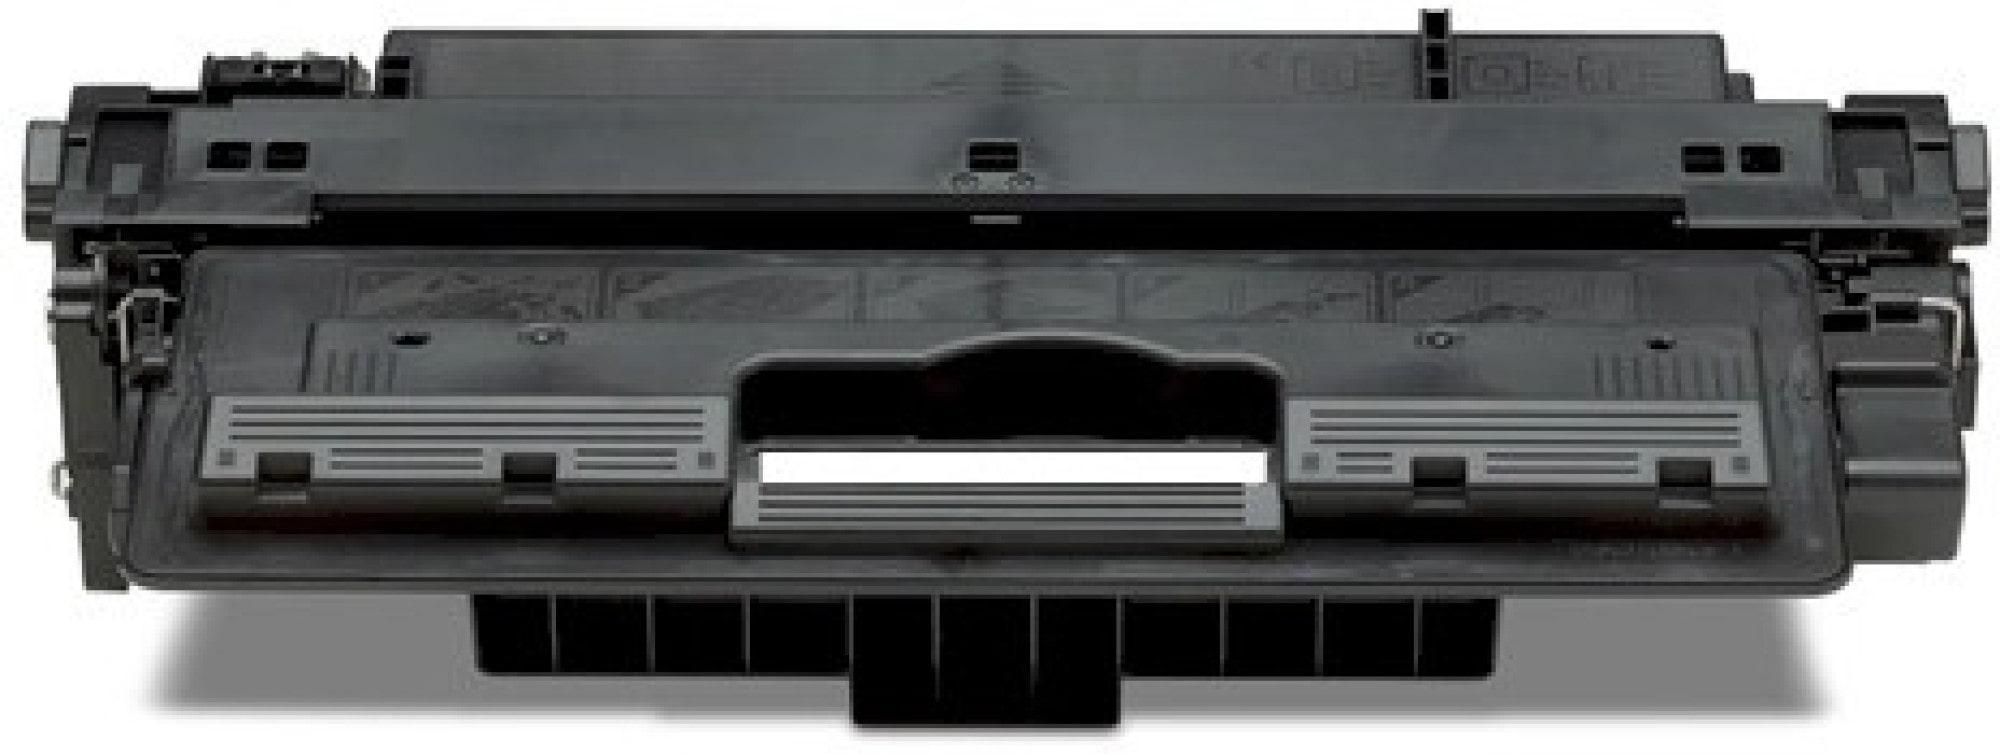 NEHA 70A Toner Cartridge For HP LaserJet M5025, M5035, M5035x, M5035xs